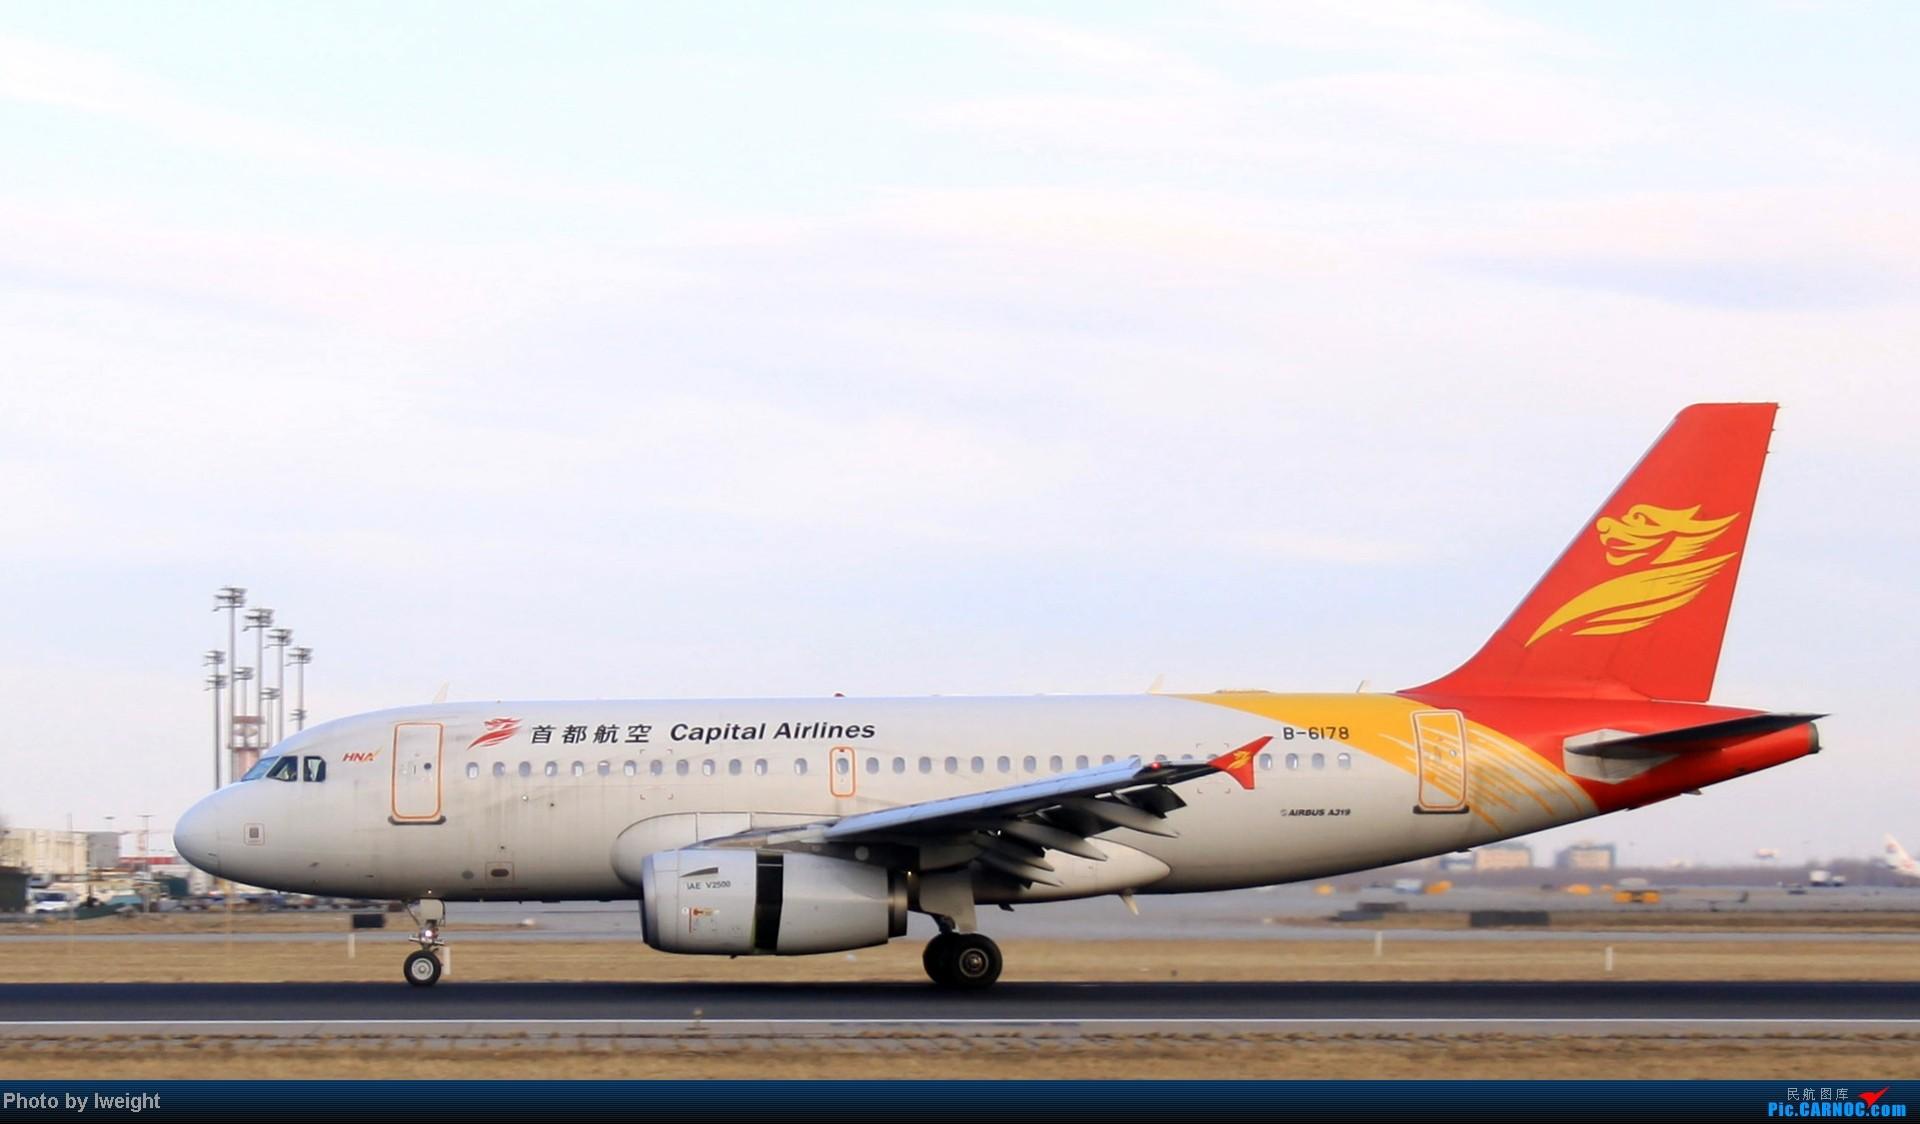 Re:[原创]今天下午瞎拍两个小时的杂图 AIRBUS A319-100 B-6178 中国北京首都机场